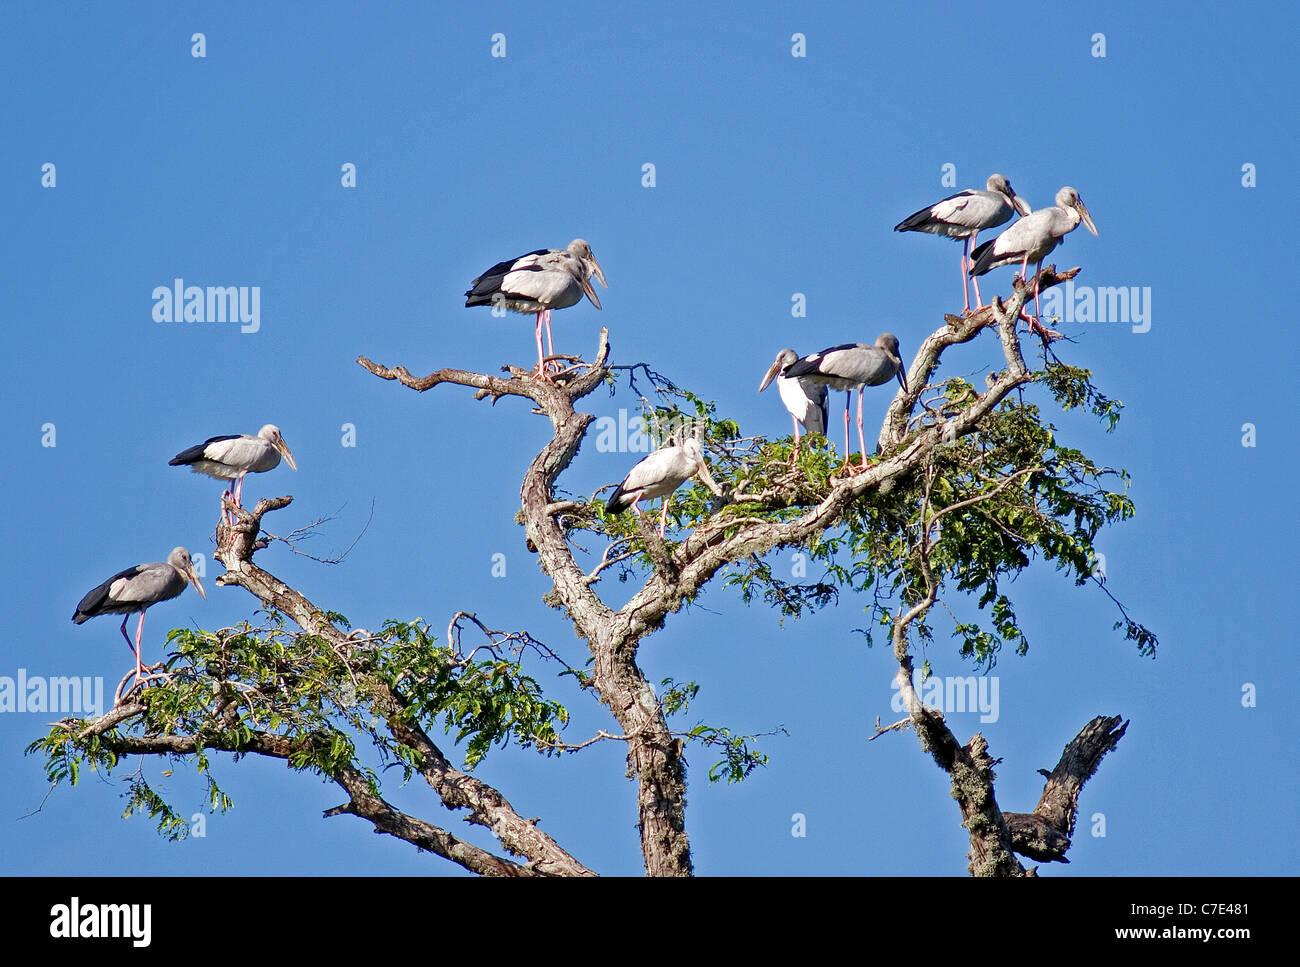 Asian open billed storksanastomus oscitans Sri Lanka - Stock Image